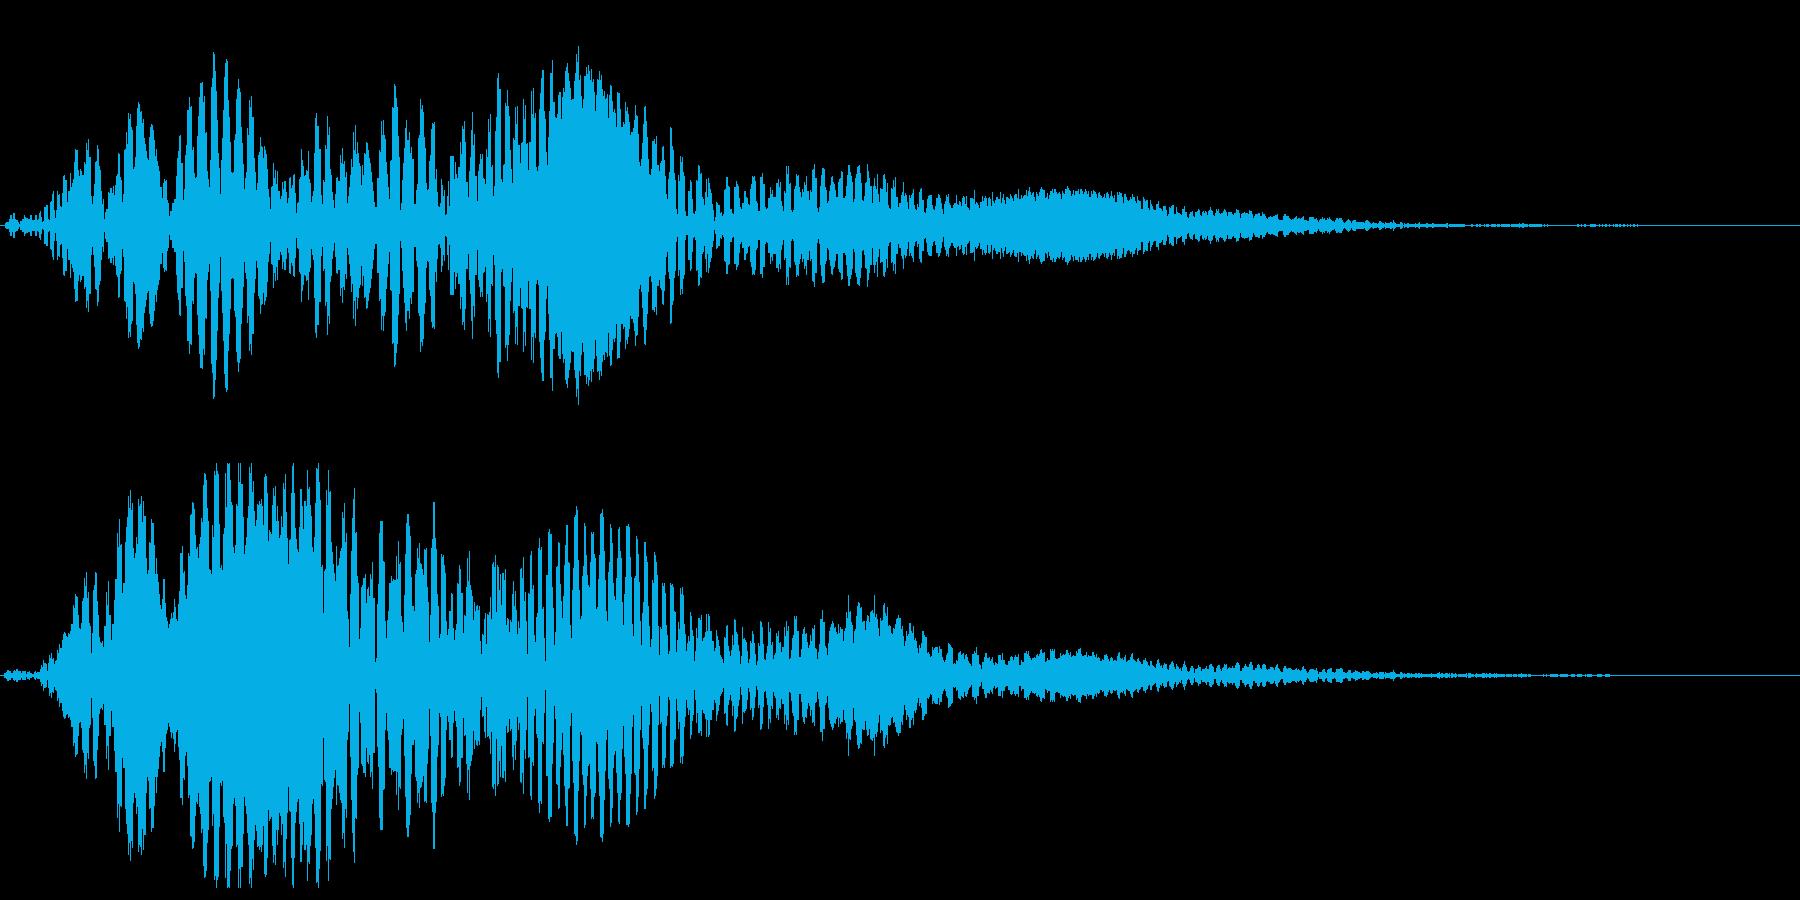 キイィイーン(鈴虫、金属が鳴る音)の再生済みの波形